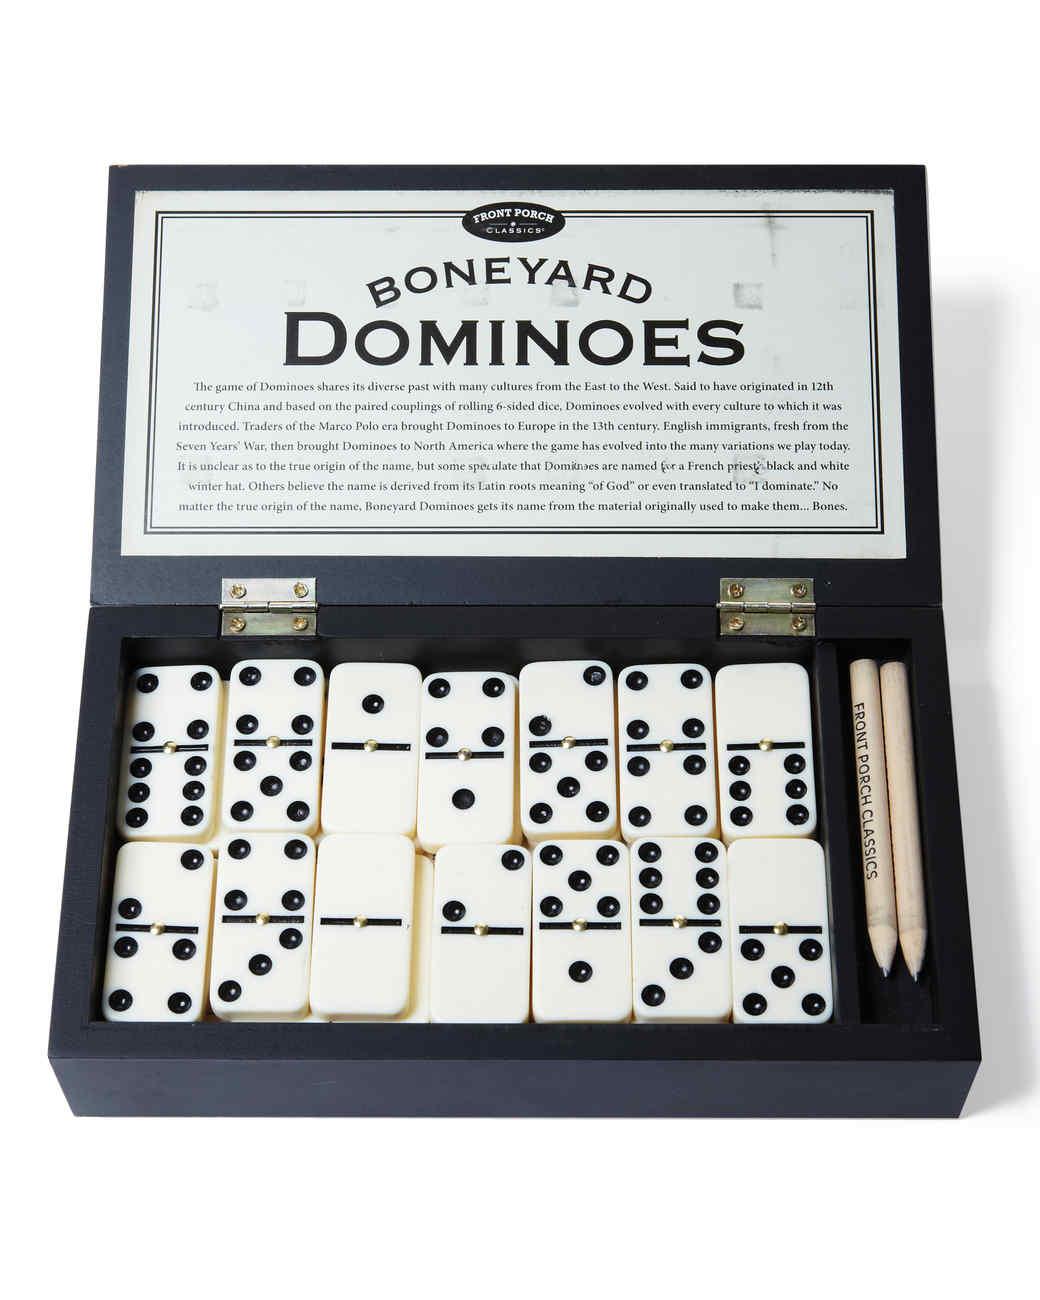 games-dominoes-0811mld107420.jpg